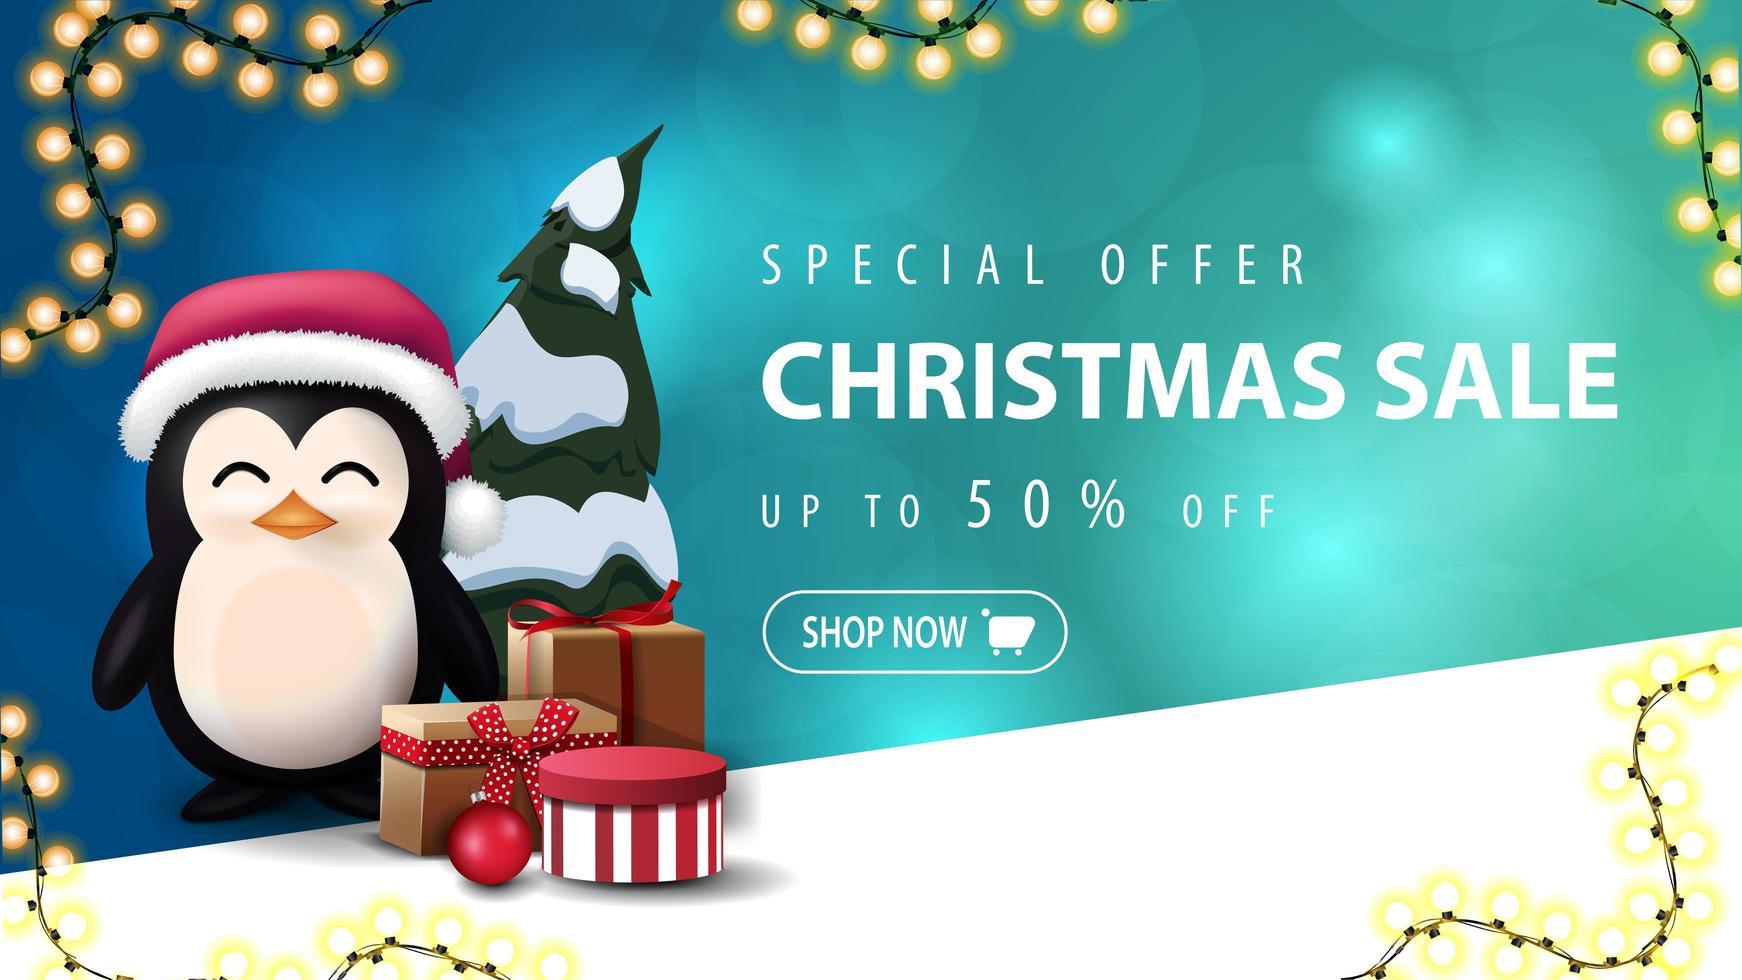 offre spéciale, vente de Noël, jusqu'à 50 de réduction, bannière de réduction bleue avec arrière-plan flou avec bokeh et pingouin en chapeau de père Noël avec des cadeaux vecteur